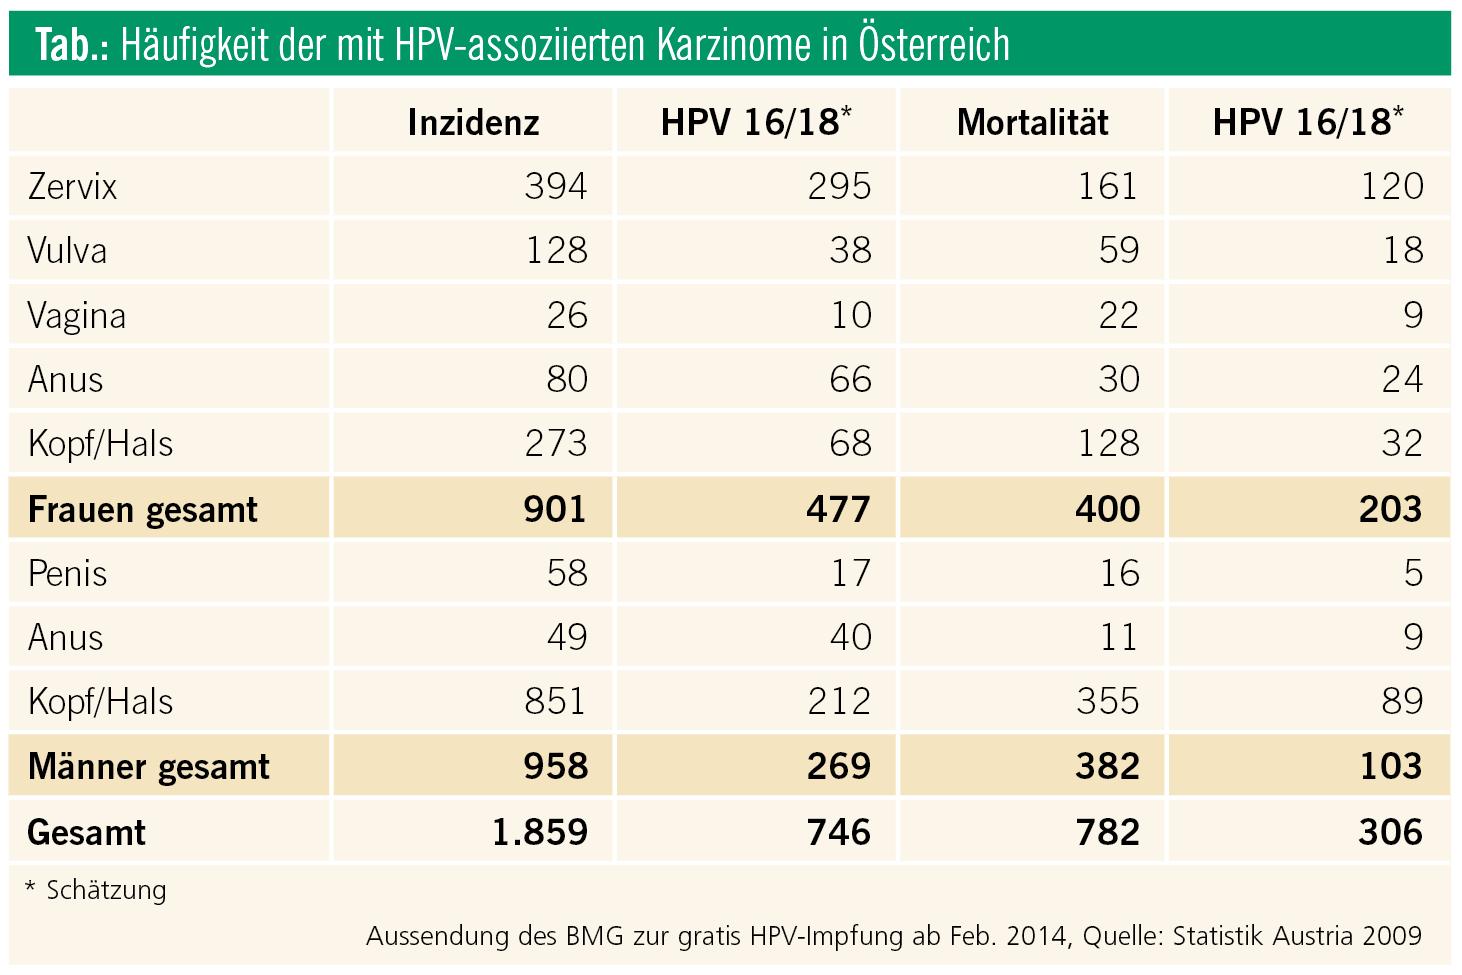 hpv impfung preis osterreich)